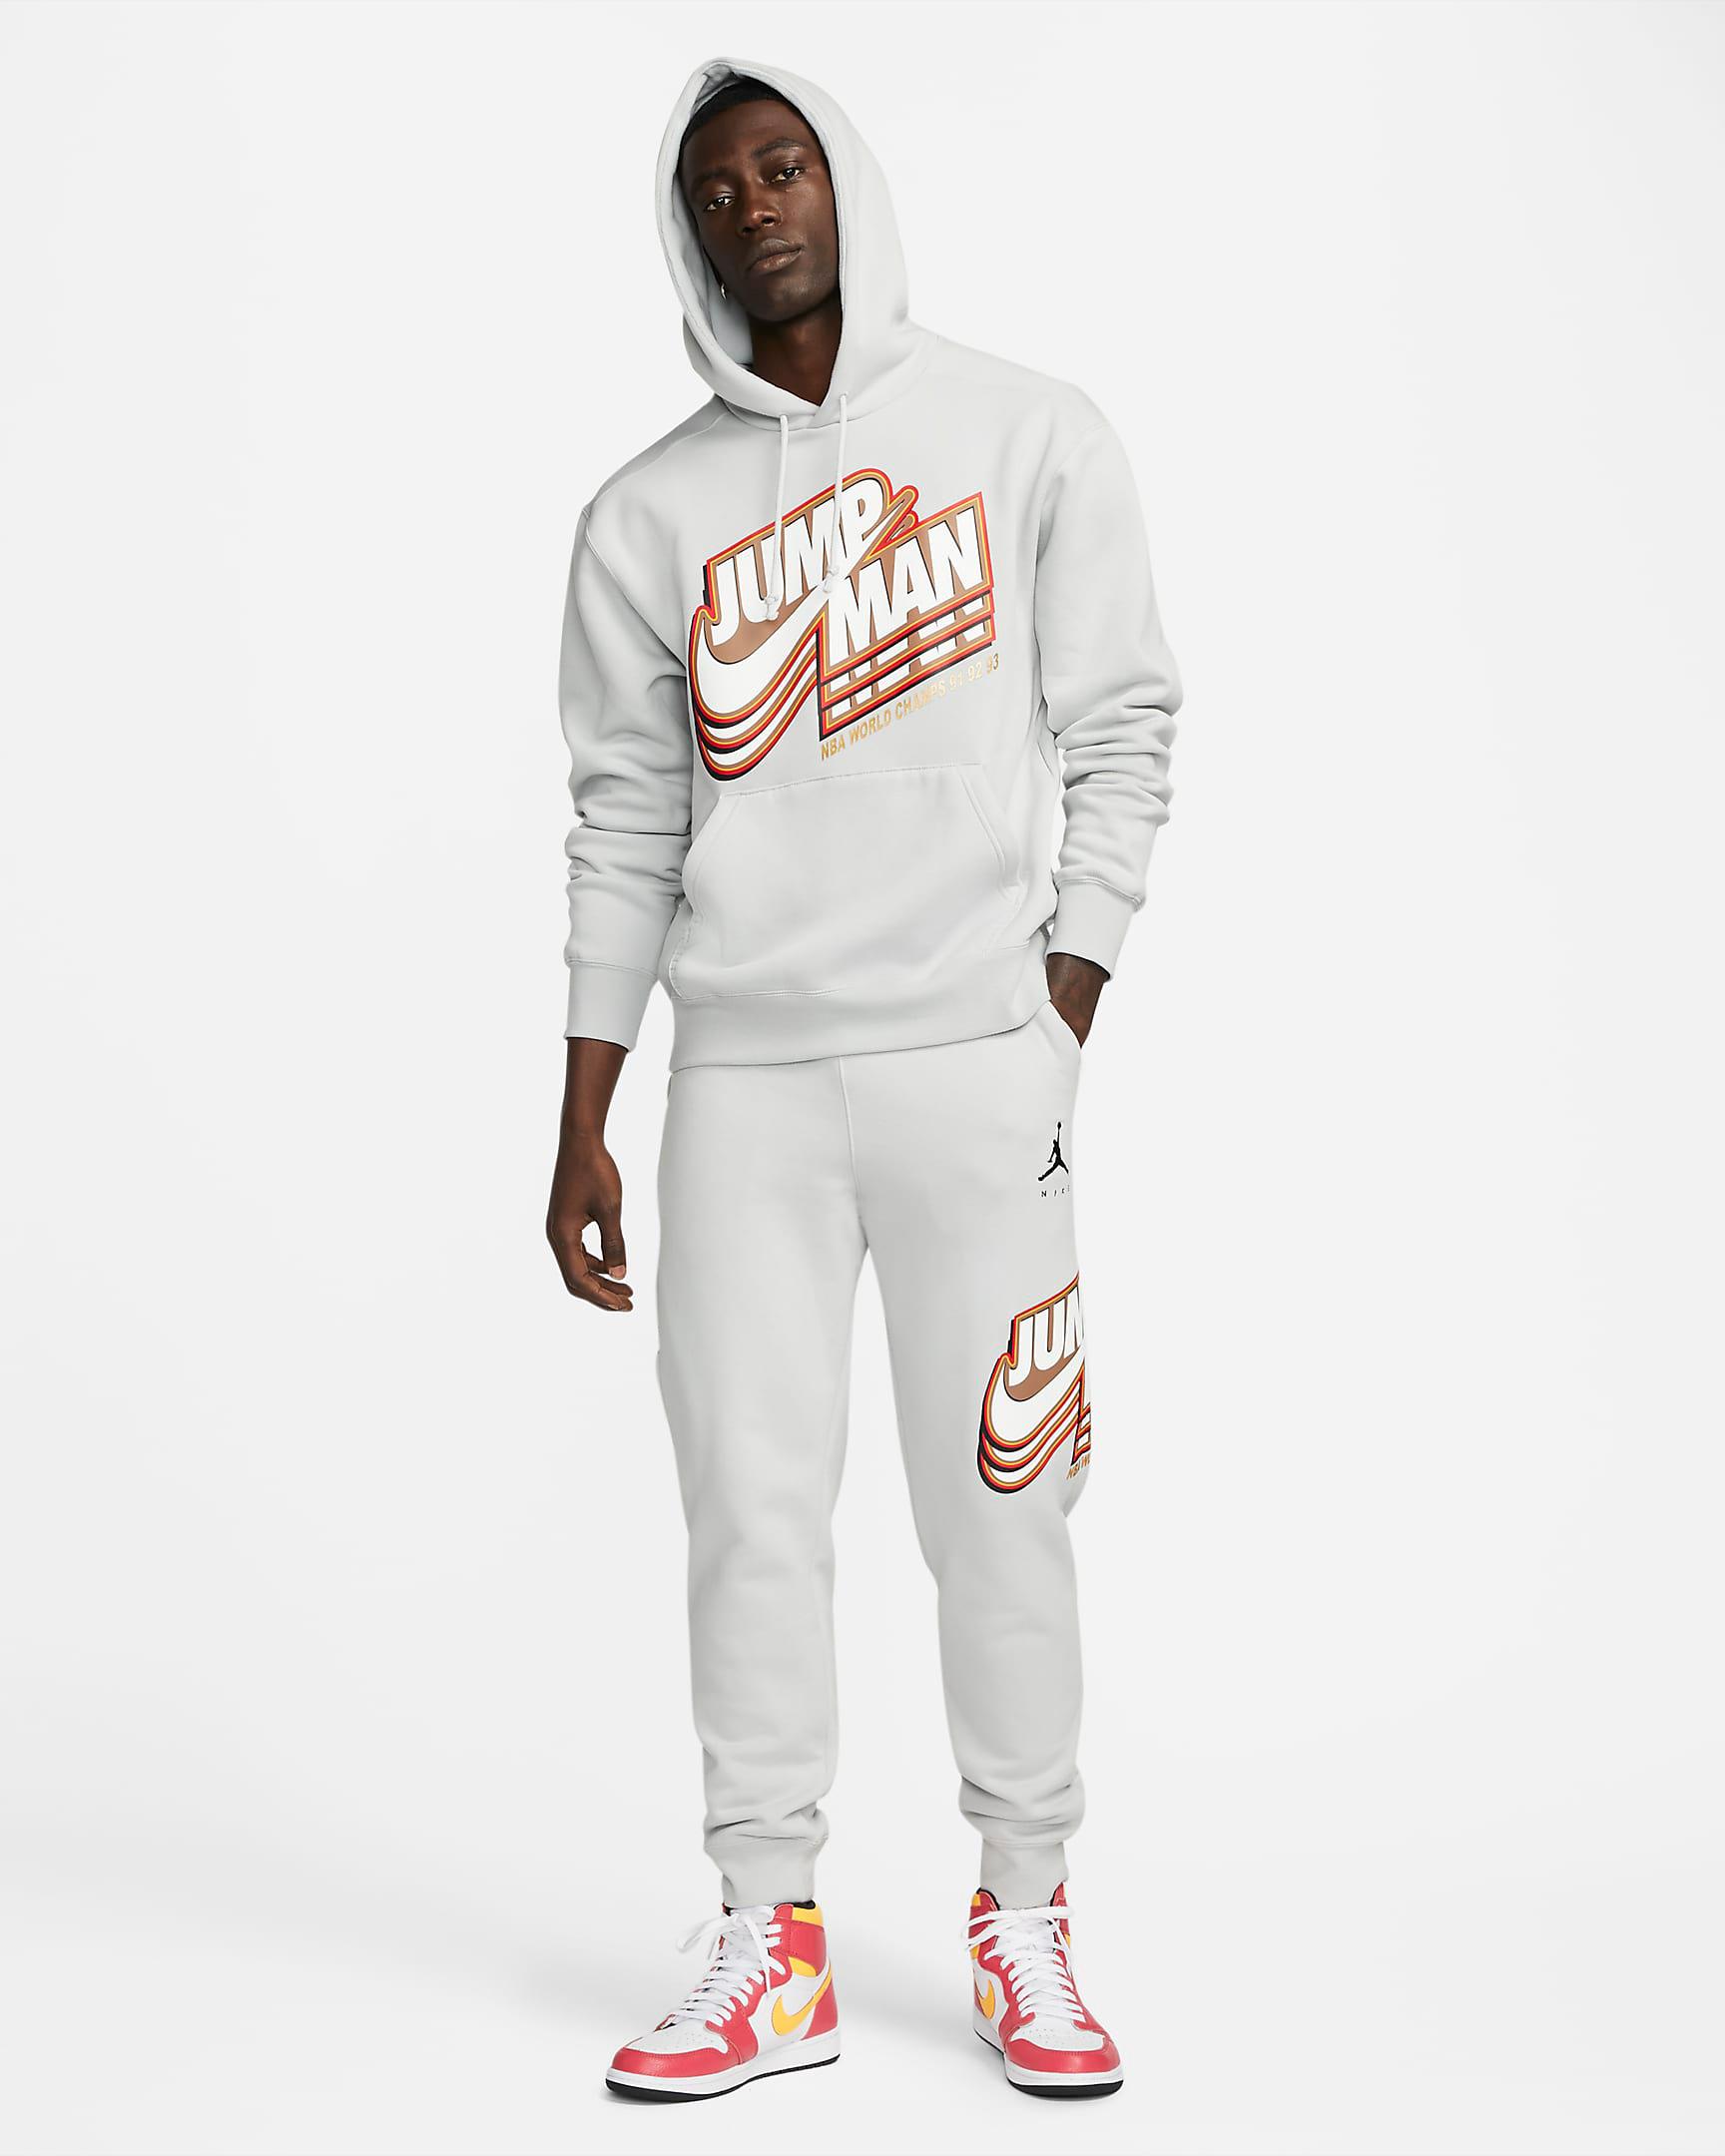 jordan-grey-fog-hoodie-pants-outfit